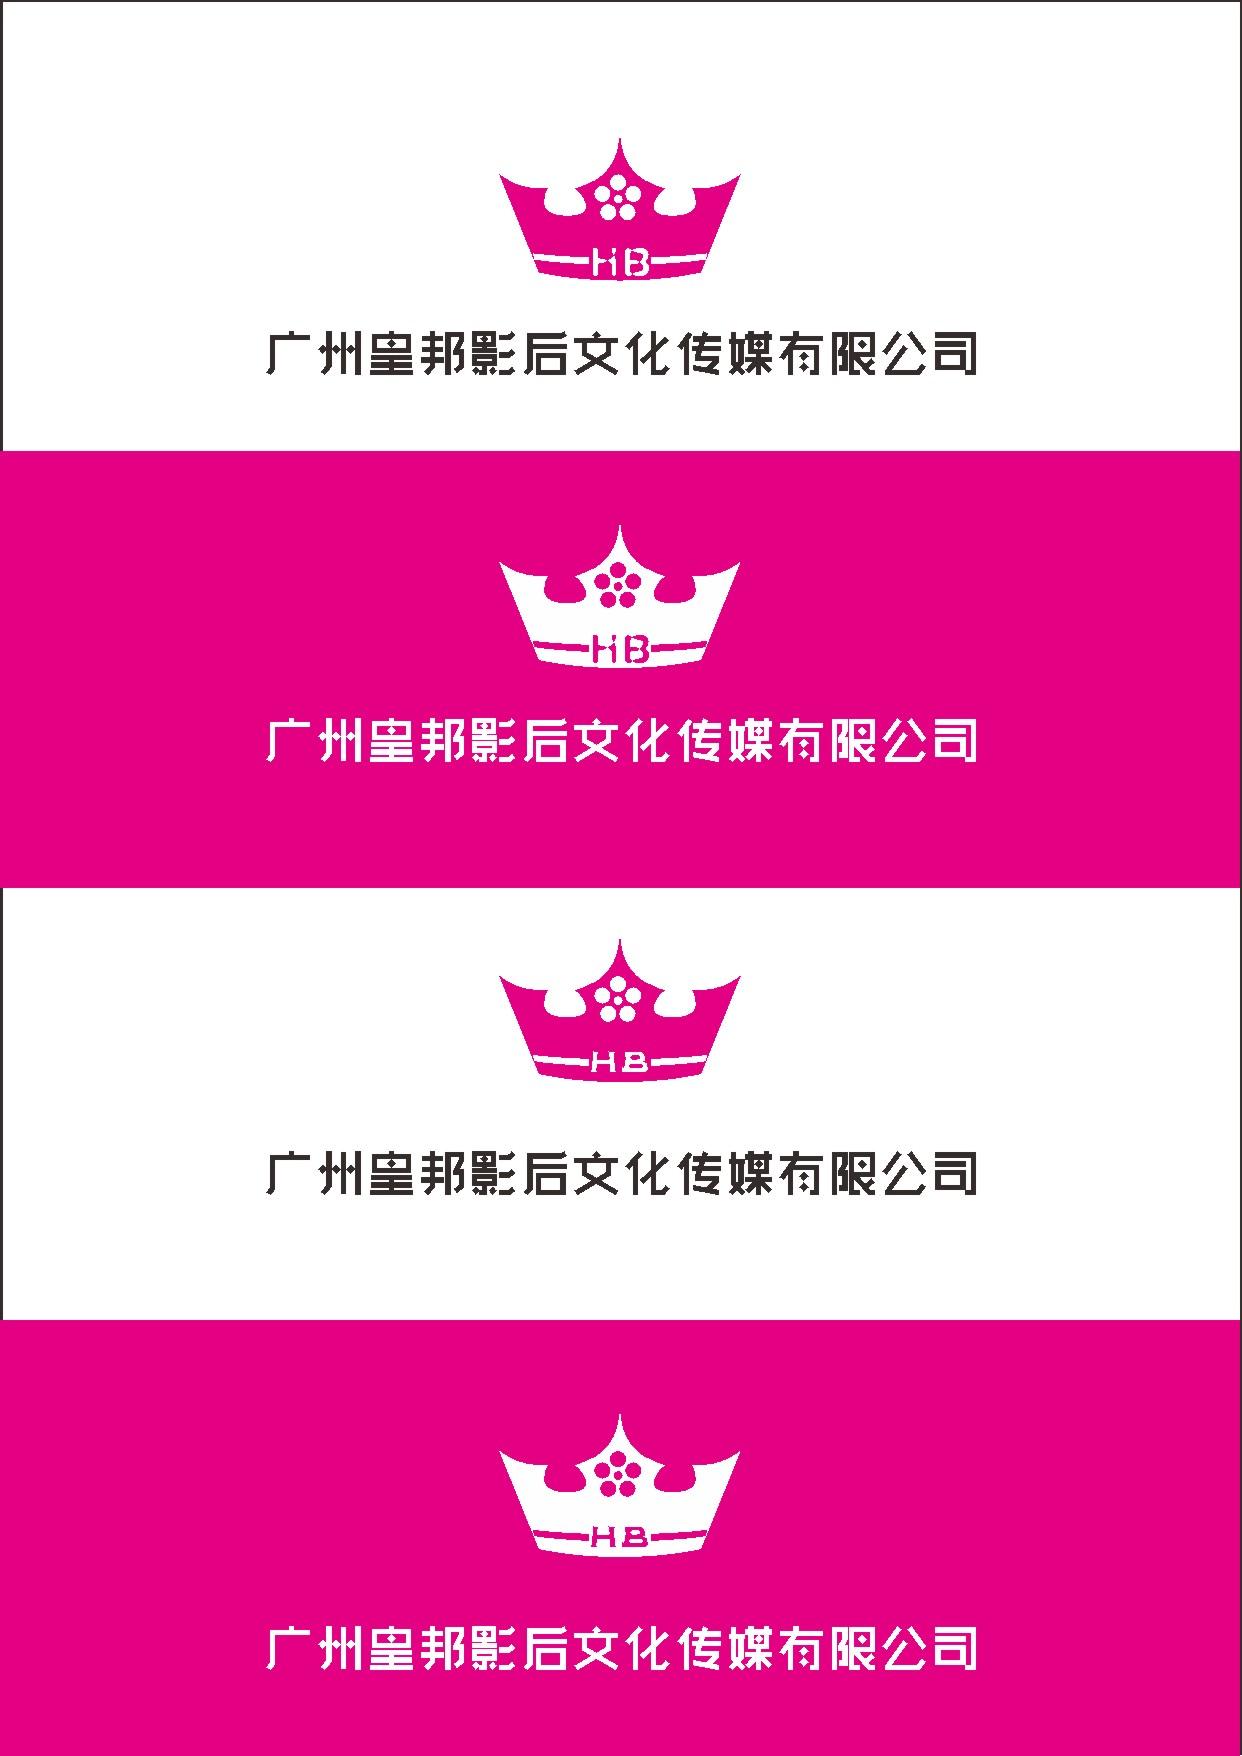 影视传媒公司logo设计